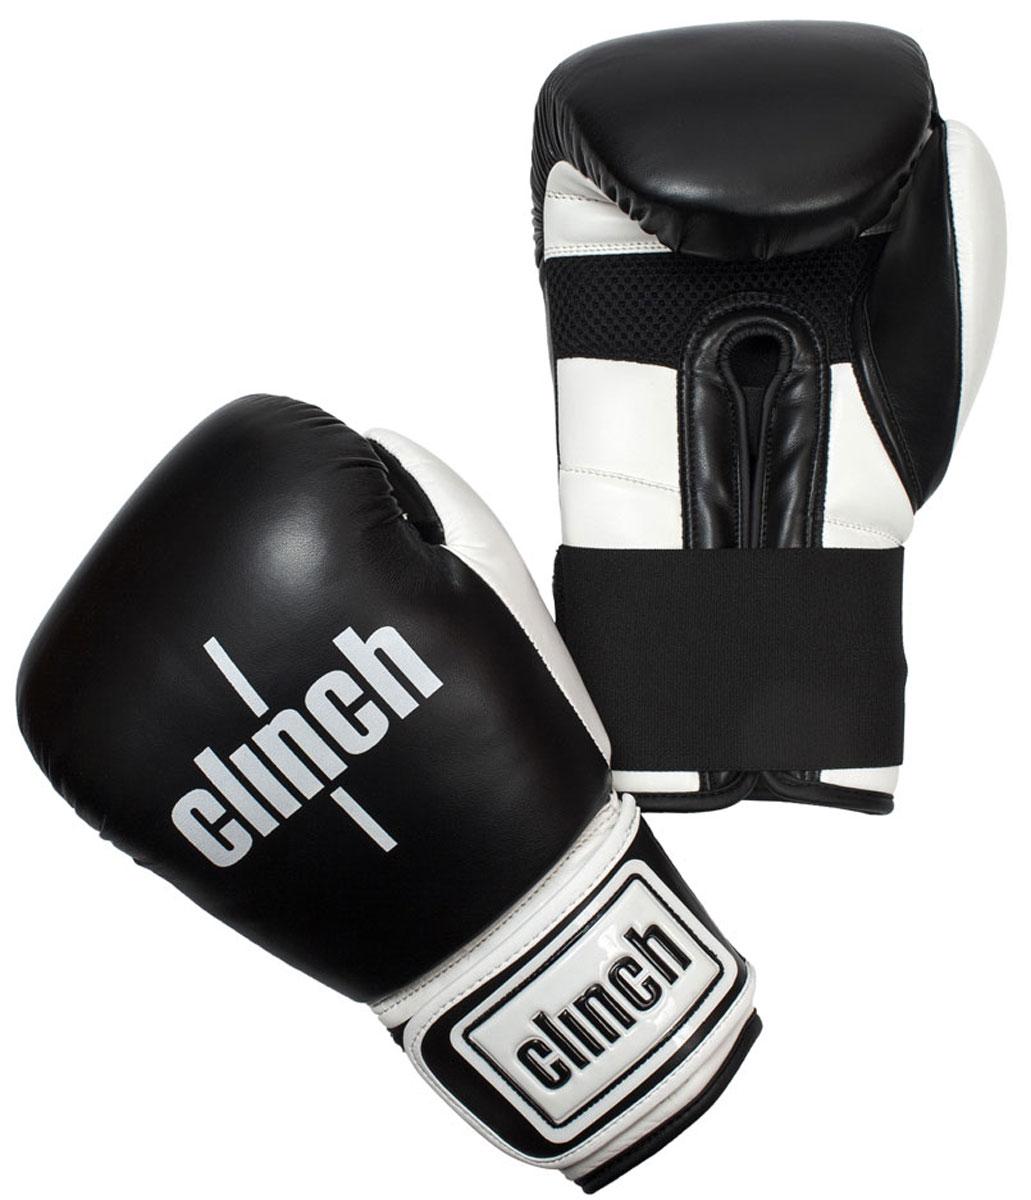 Перчатки боксерские Clinch Punch, цвет: черно-белый, 16 унцийC131Боксерские перчатки Punch изготовлены из высококачественного, прочного эластичного полиуретана.Многослойный пенный наполнитель обеспечивает улучшенную анатомическую посадку, комфорт и высокий уровень защиты. Широкая резинка позволяет оптимально фиксировать запястье.